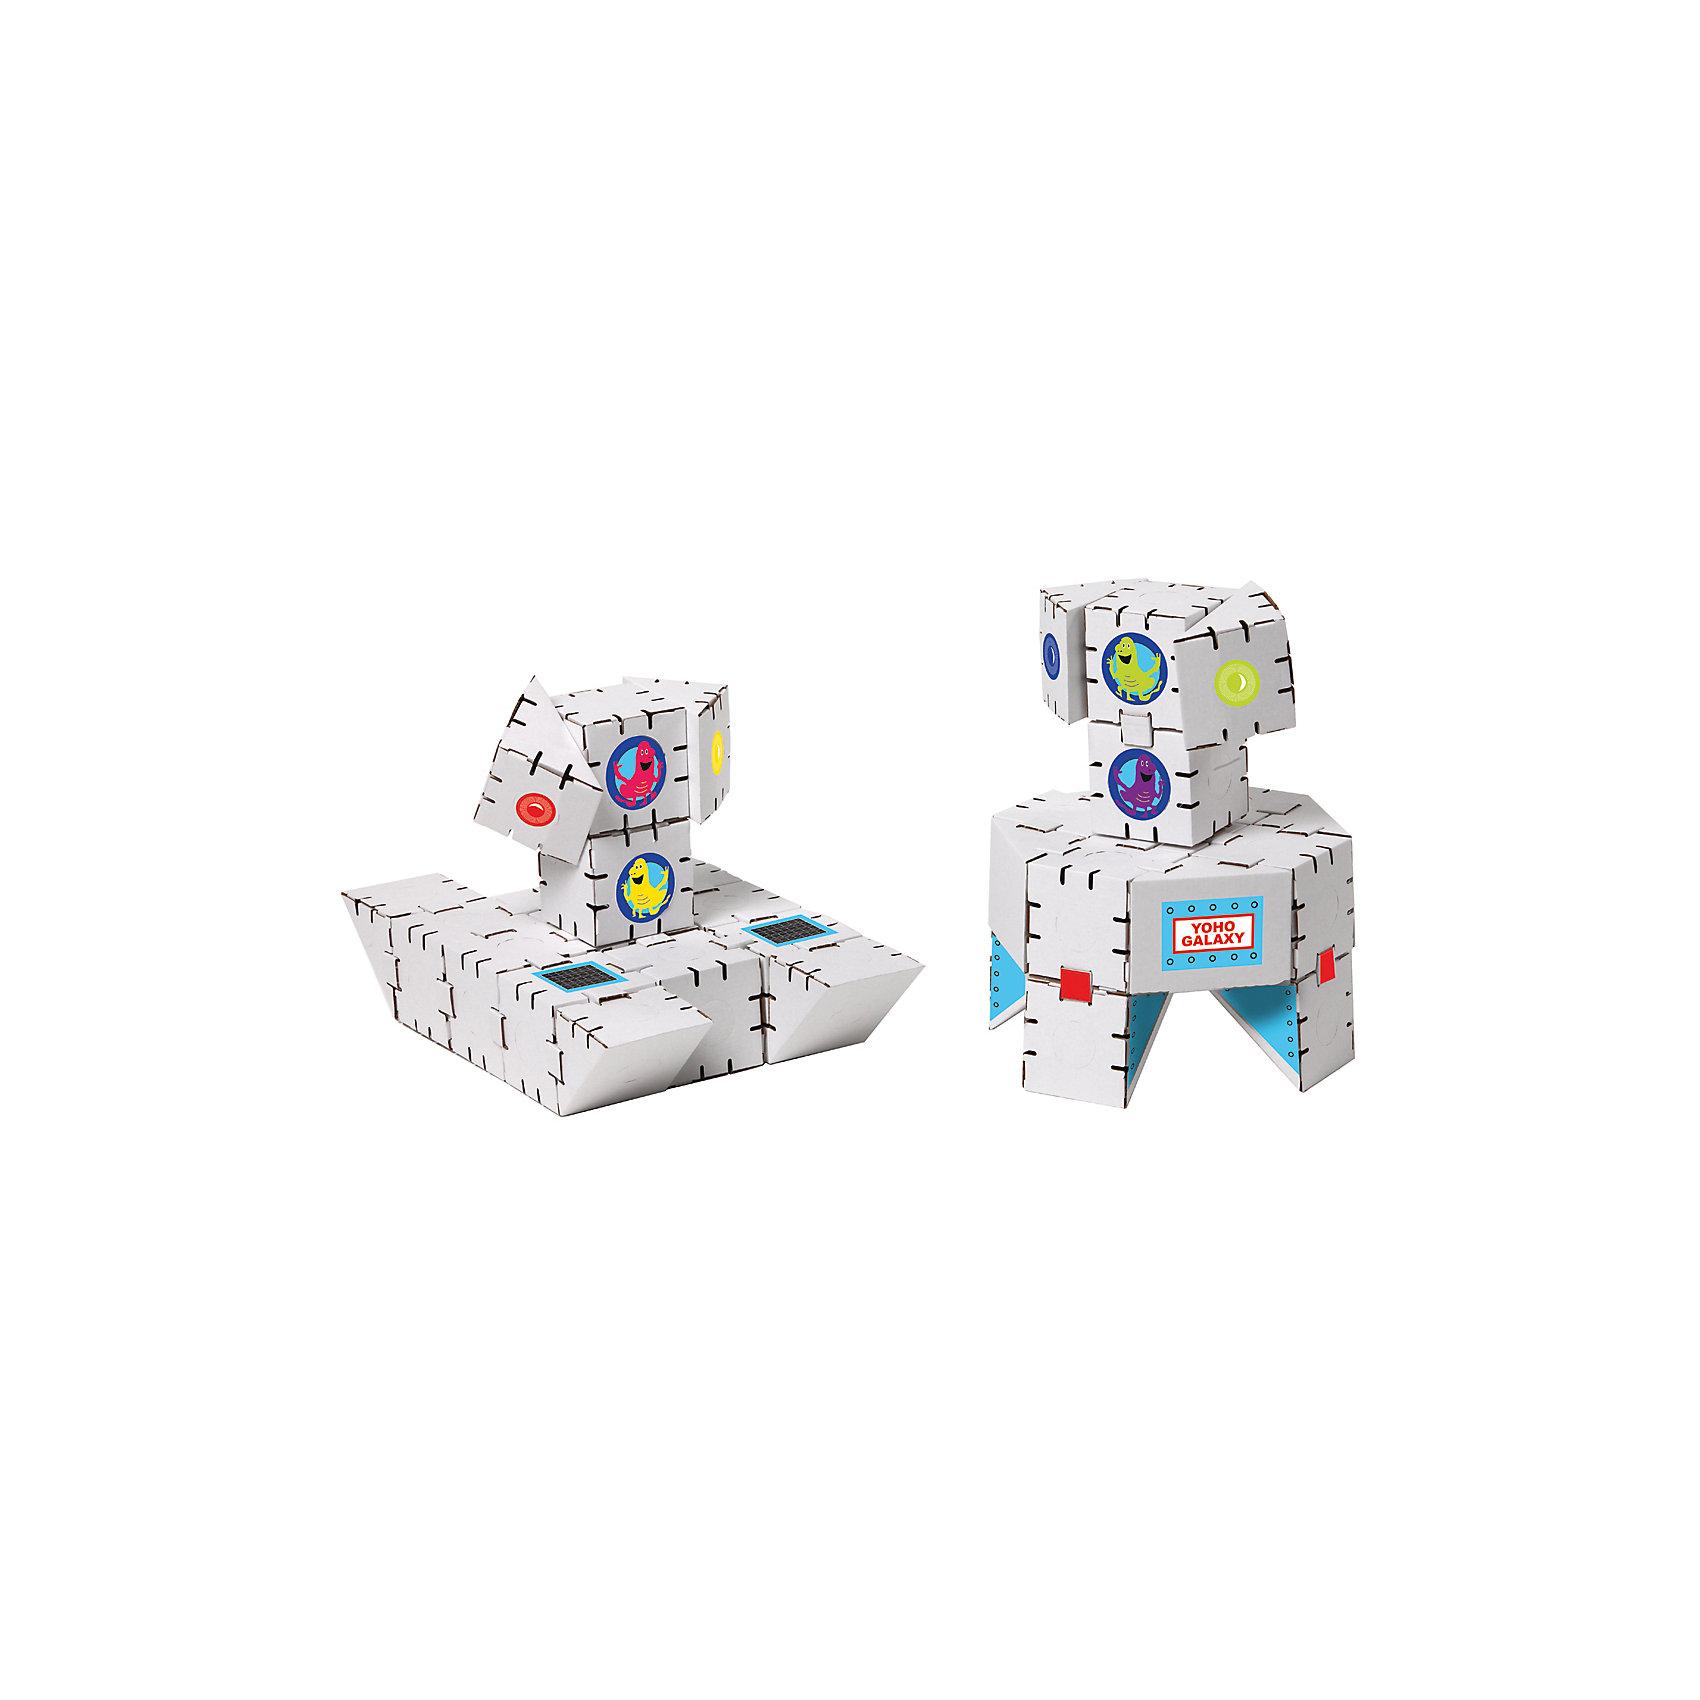 Картонный конструктор Марсианские истории, YohocubeБренды конструкторов<br>Картонный конструктор Марсианские истории, Yohocube (Йохокуб). <br><br>Характеристика:<br><br>• Материал: усиленный картон (1,5 мм). <br>• Размер упаковки: 36х46х6 см. <br>• Размер одного кубика: 8 см. <br>• 34 детали. <br>• Оригинальный дизайн. <br>• Развивает моторику рук, внимание, пространственное мышление и воображение. <br><br>Собери оригинальные марсоходы и почувствуй себя покорителем космоса! Все детали набора выполнены из прочного экологичного картона, они надежно и легко крепятся друг к другу, не рассыпаются и не мнутся. Прекрасный подарок на любой праздник! <br>Конструирование - отличный вид творческой деятельности, в процессе которого развивается внимание, моторика рук, пространственное мышление и воображение. <br><br>Картонный конструктор Марсианские истории, Yohocube (Йохокуб) можно купить в нашем интернет-магазине.<br><br>Ширина мм: 460<br>Глубина мм: 360<br>Высота мм: 60<br>Вес г: 960<br>Возраст от месяцев: 72<br>Возраст до месяцев: 144<br>Пол: Унисекс<br>Возраст: Детский<br>SKU: 5154041